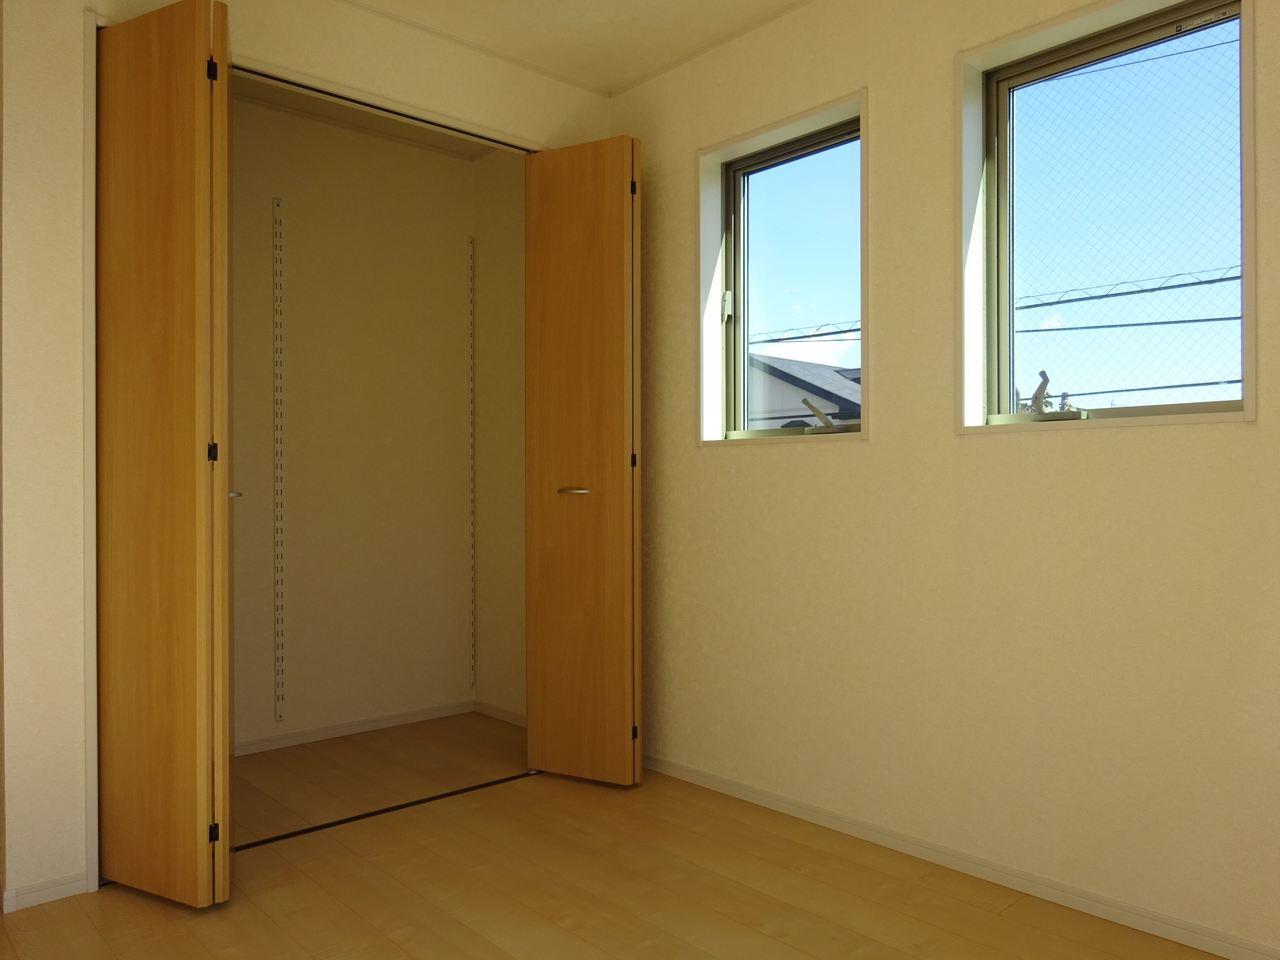 大きな窓と収納のある洋室